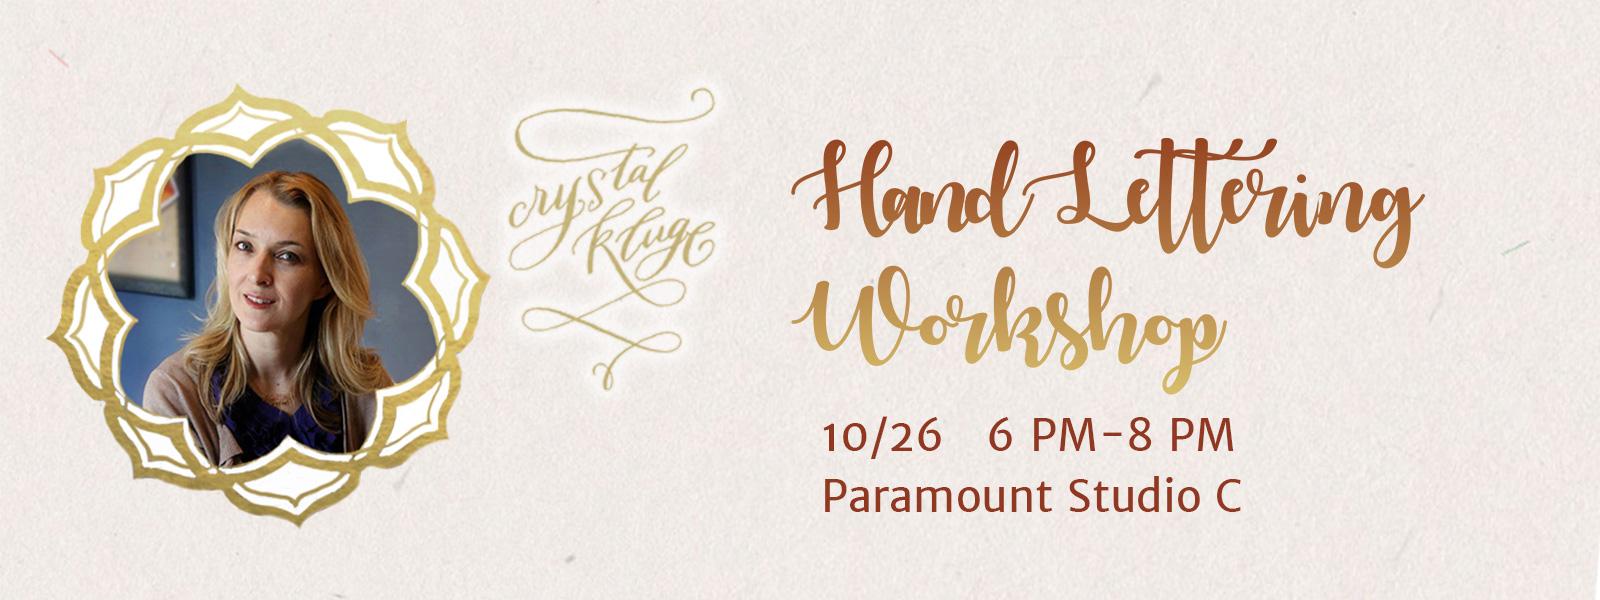 Crystal Kluge Hand Lettering Workshop